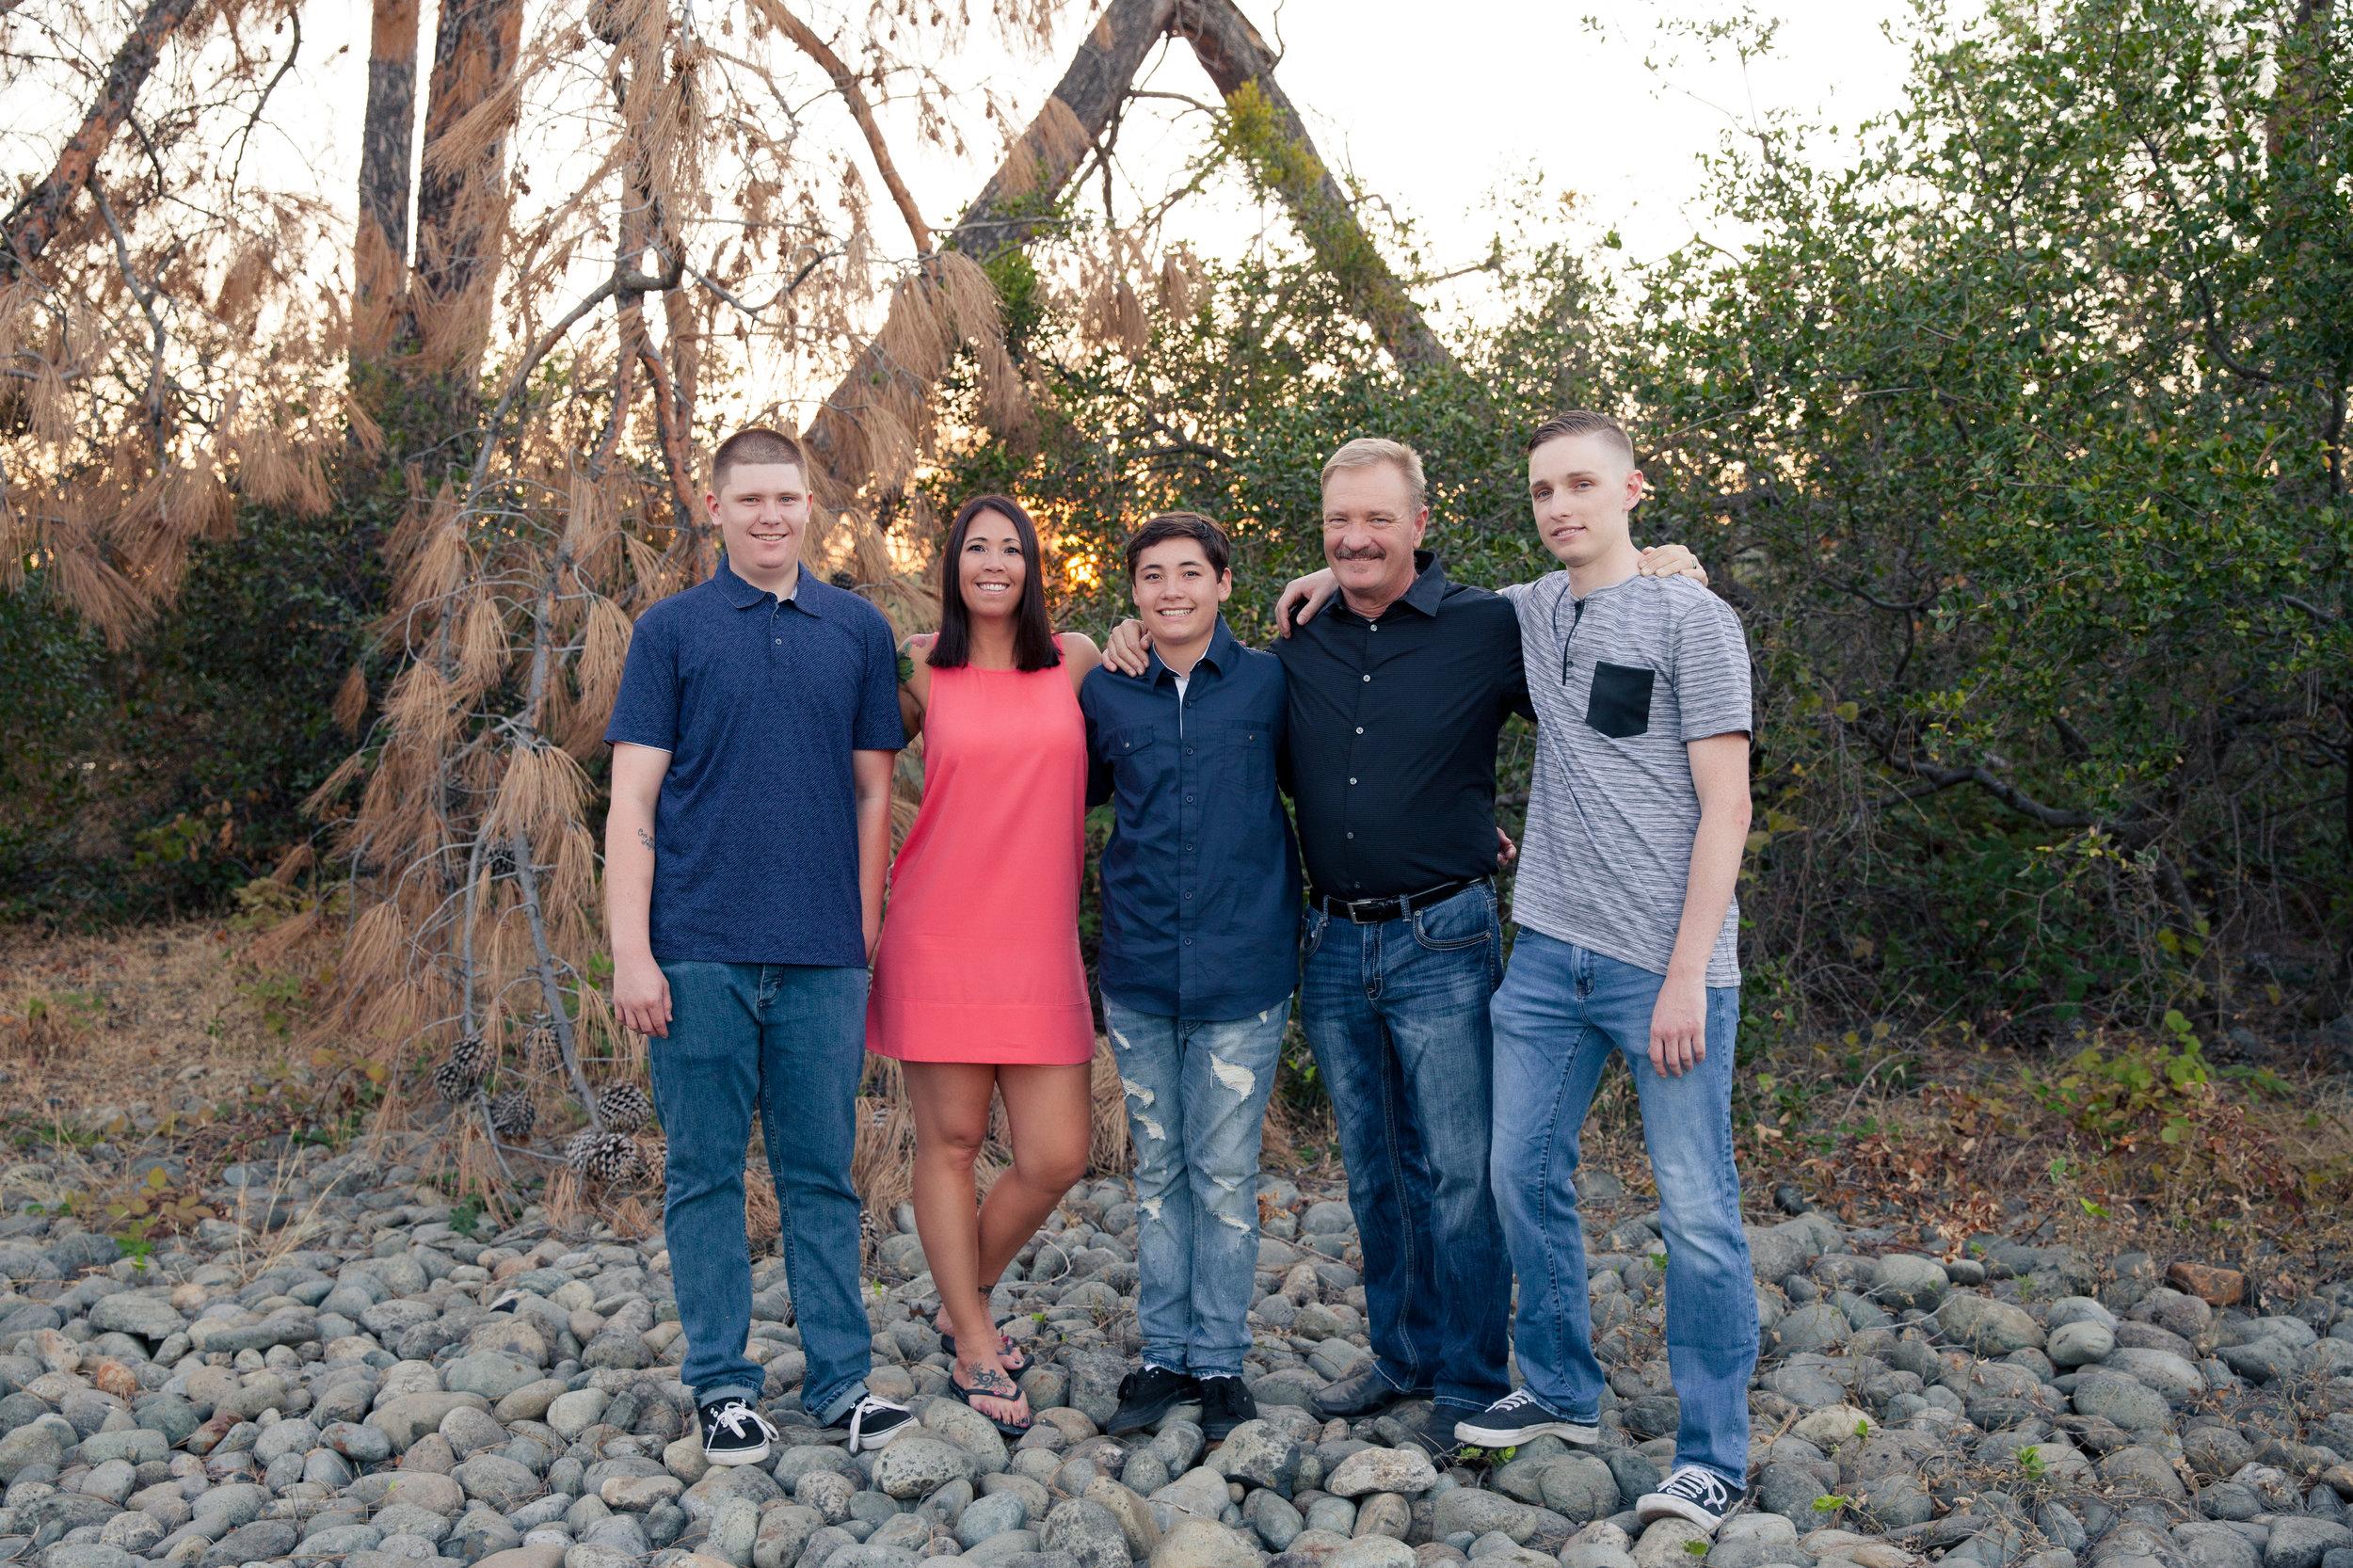 ruggles family -22.jpg